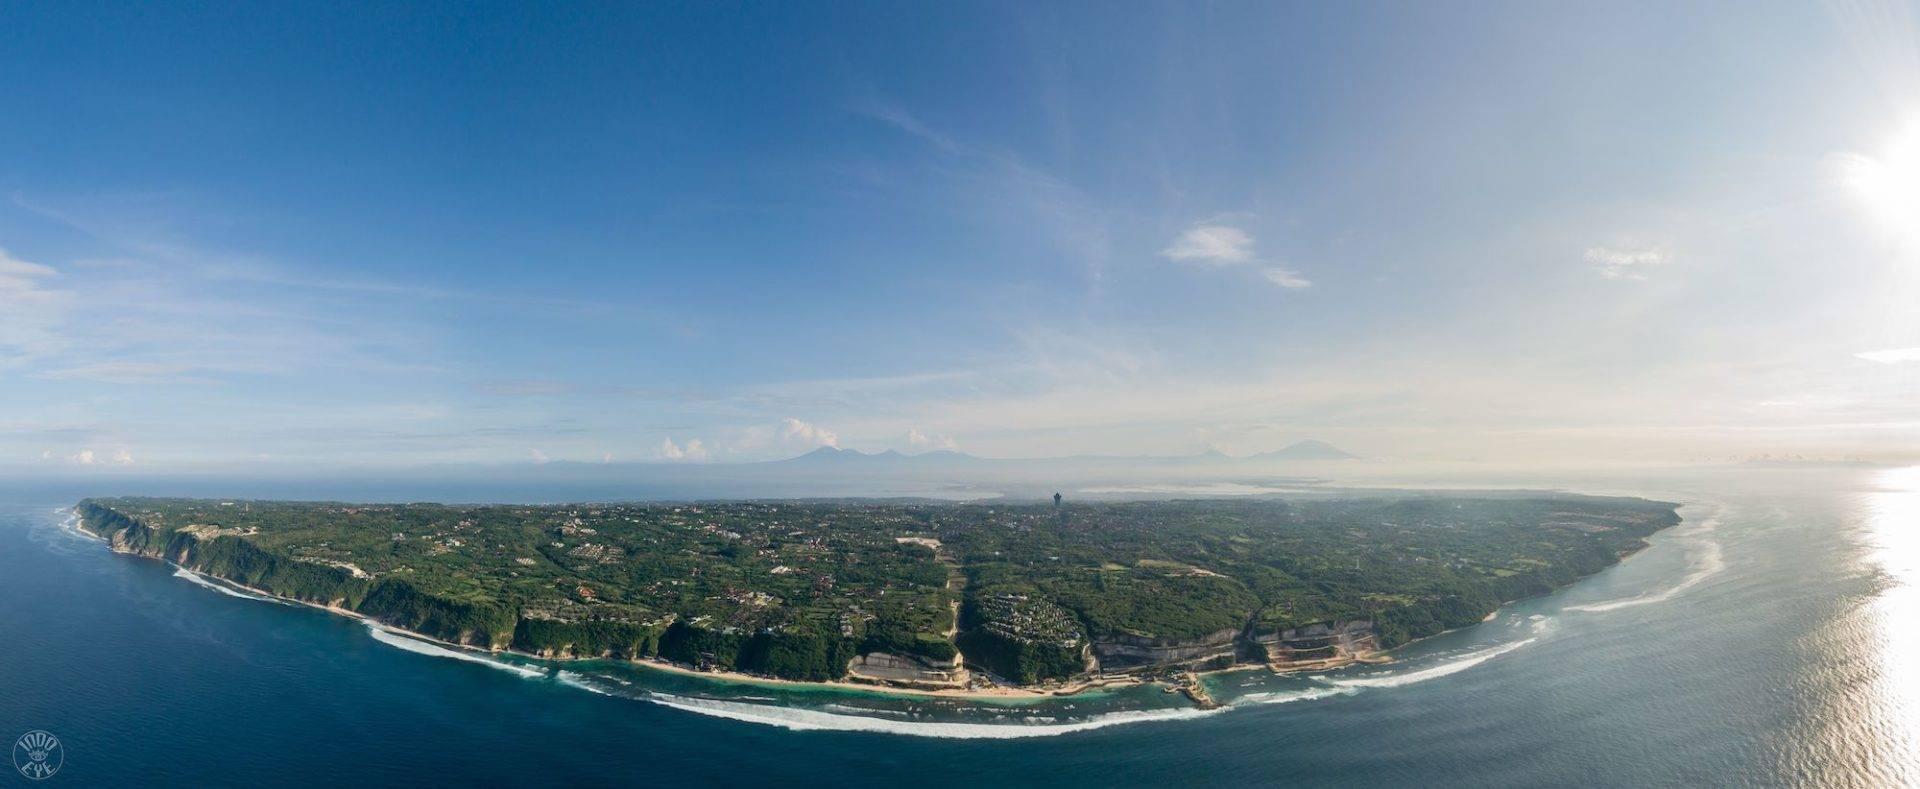 Bali Bukit Peninsula